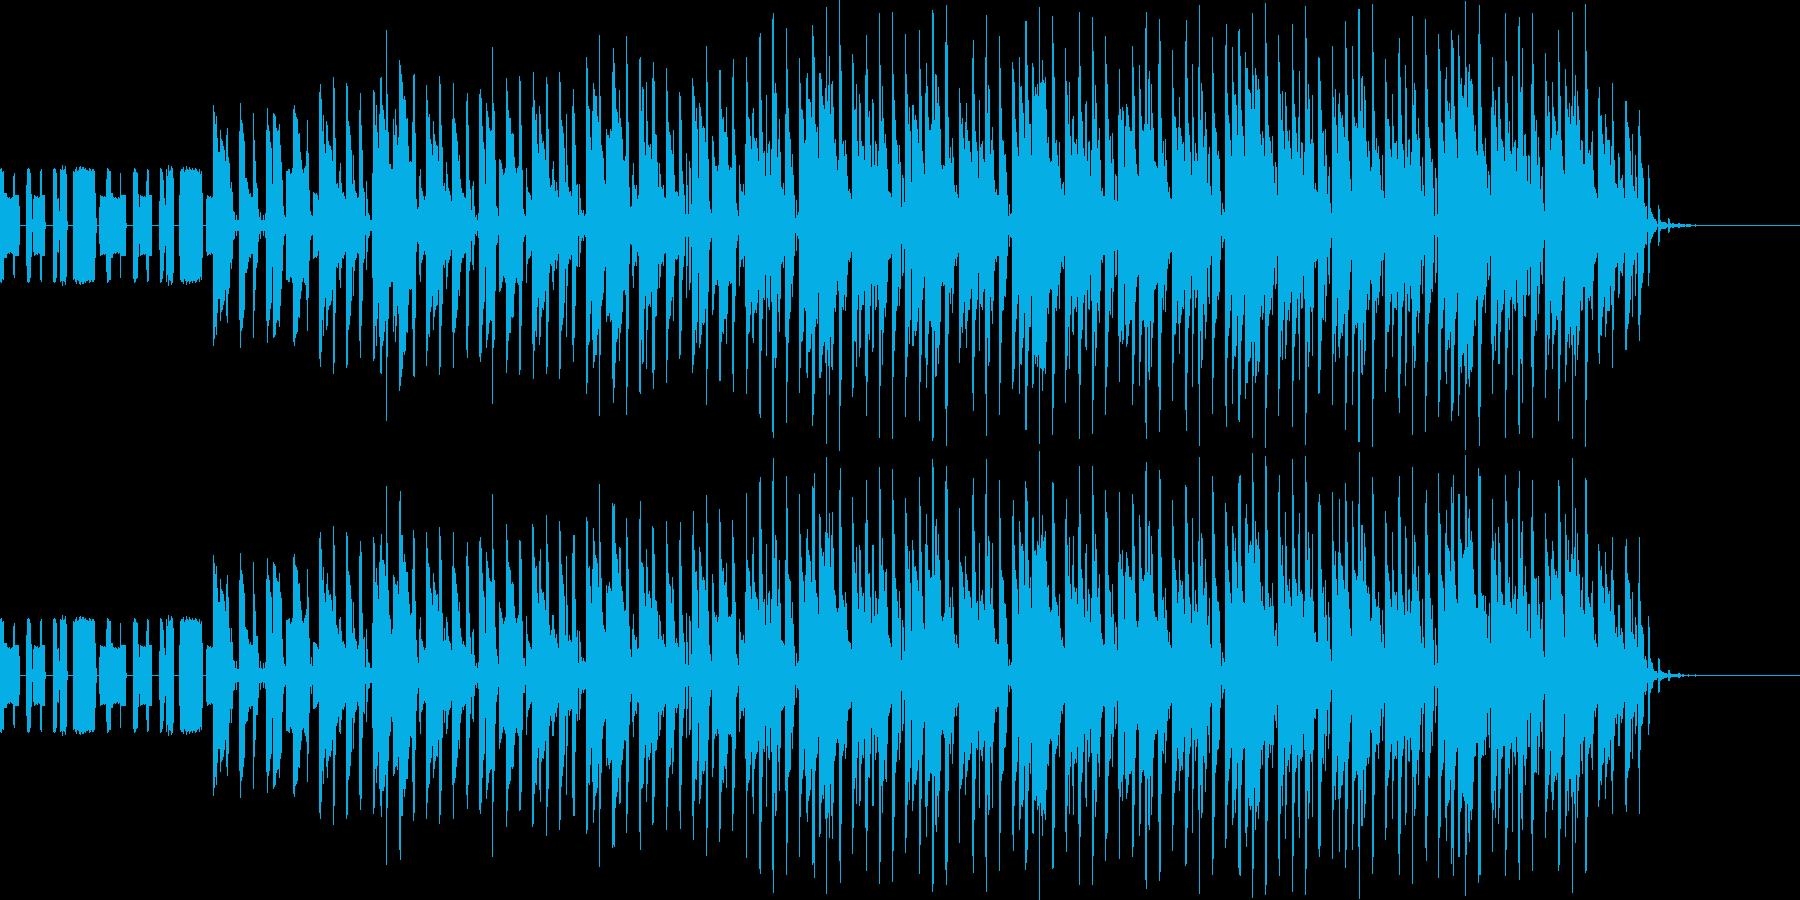 元気で明るいチップチューンEDMの再生済みの波形